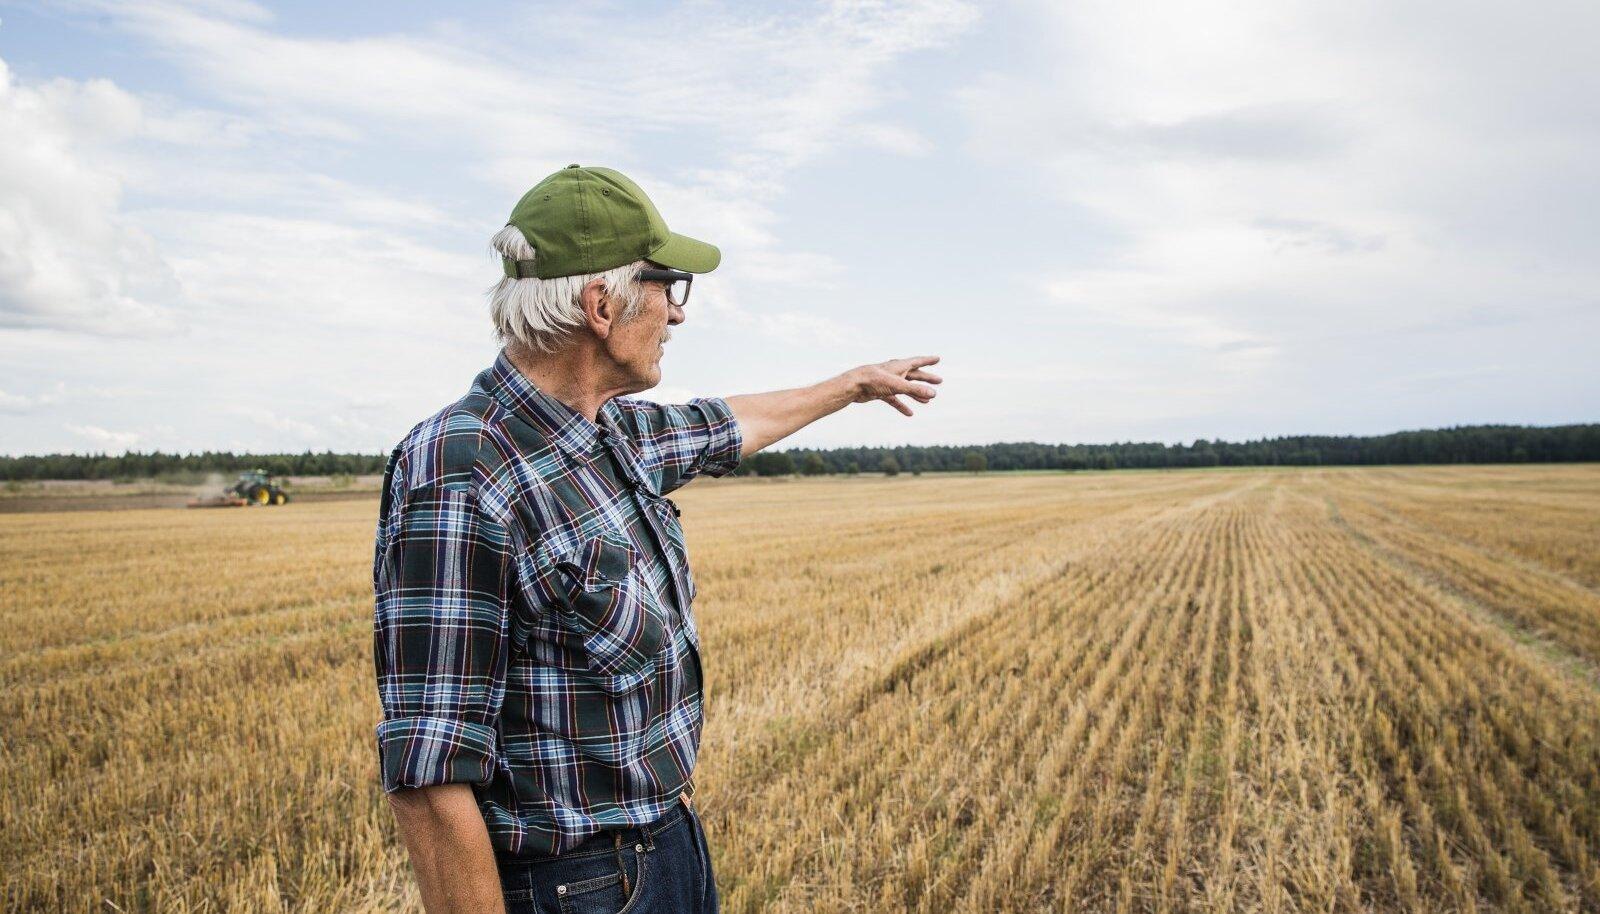 Rene Tarum näitab oma langenud põldu. Põllule tekkinud lohkude tõttu võib suur vihm külvatud vilja ära uhtuda. Maa langemise ebaühtsuse tõttu on ka põllumasinatega töö tegemine raskendatud. Tarum rääkis, et ühe maa vajumise tuvastas isegi seismograaf Tartus.